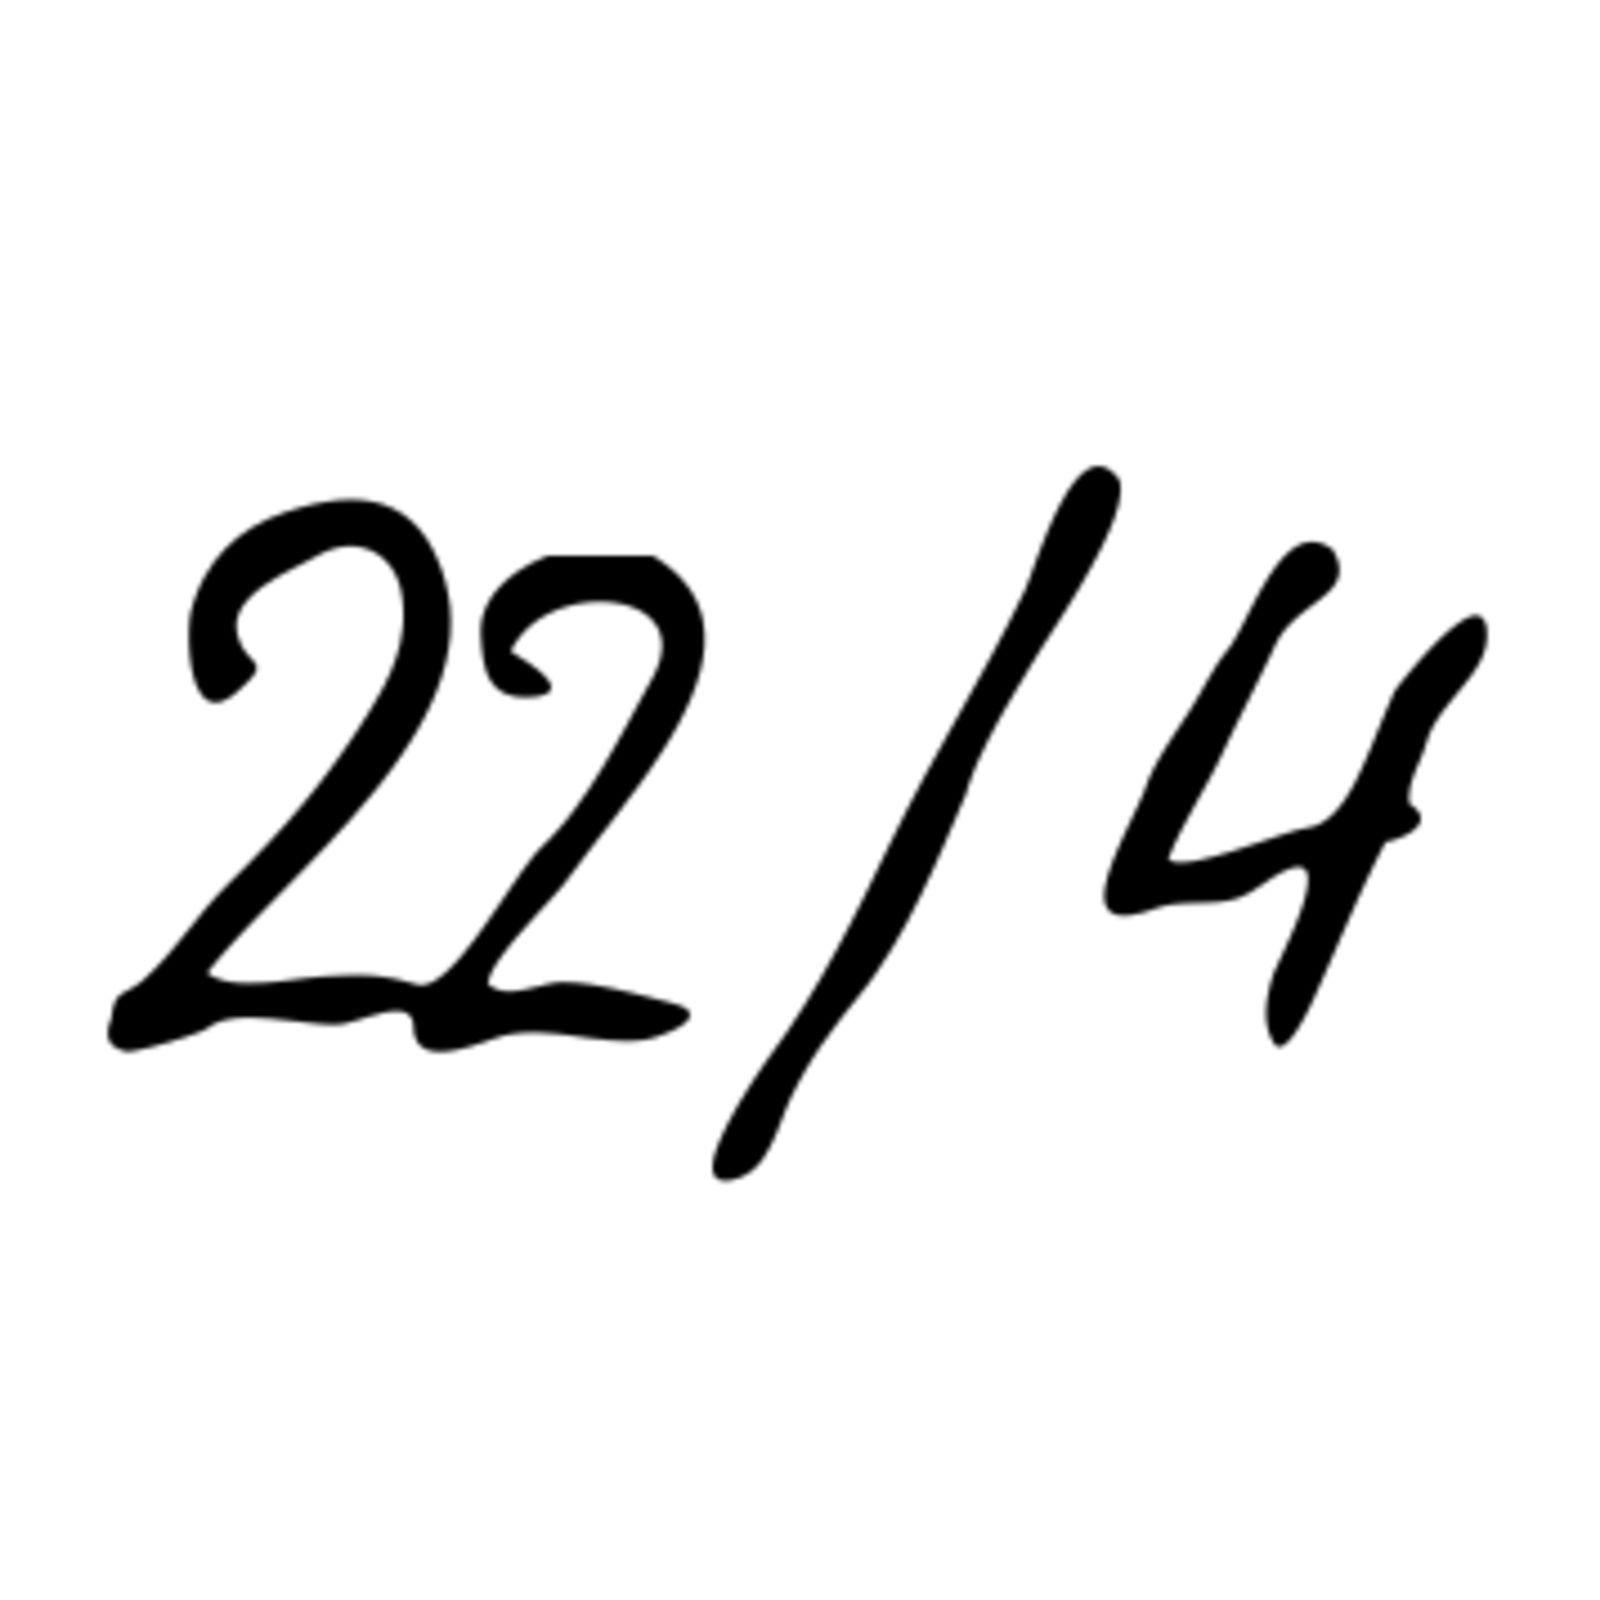 22/4 (Image 1)